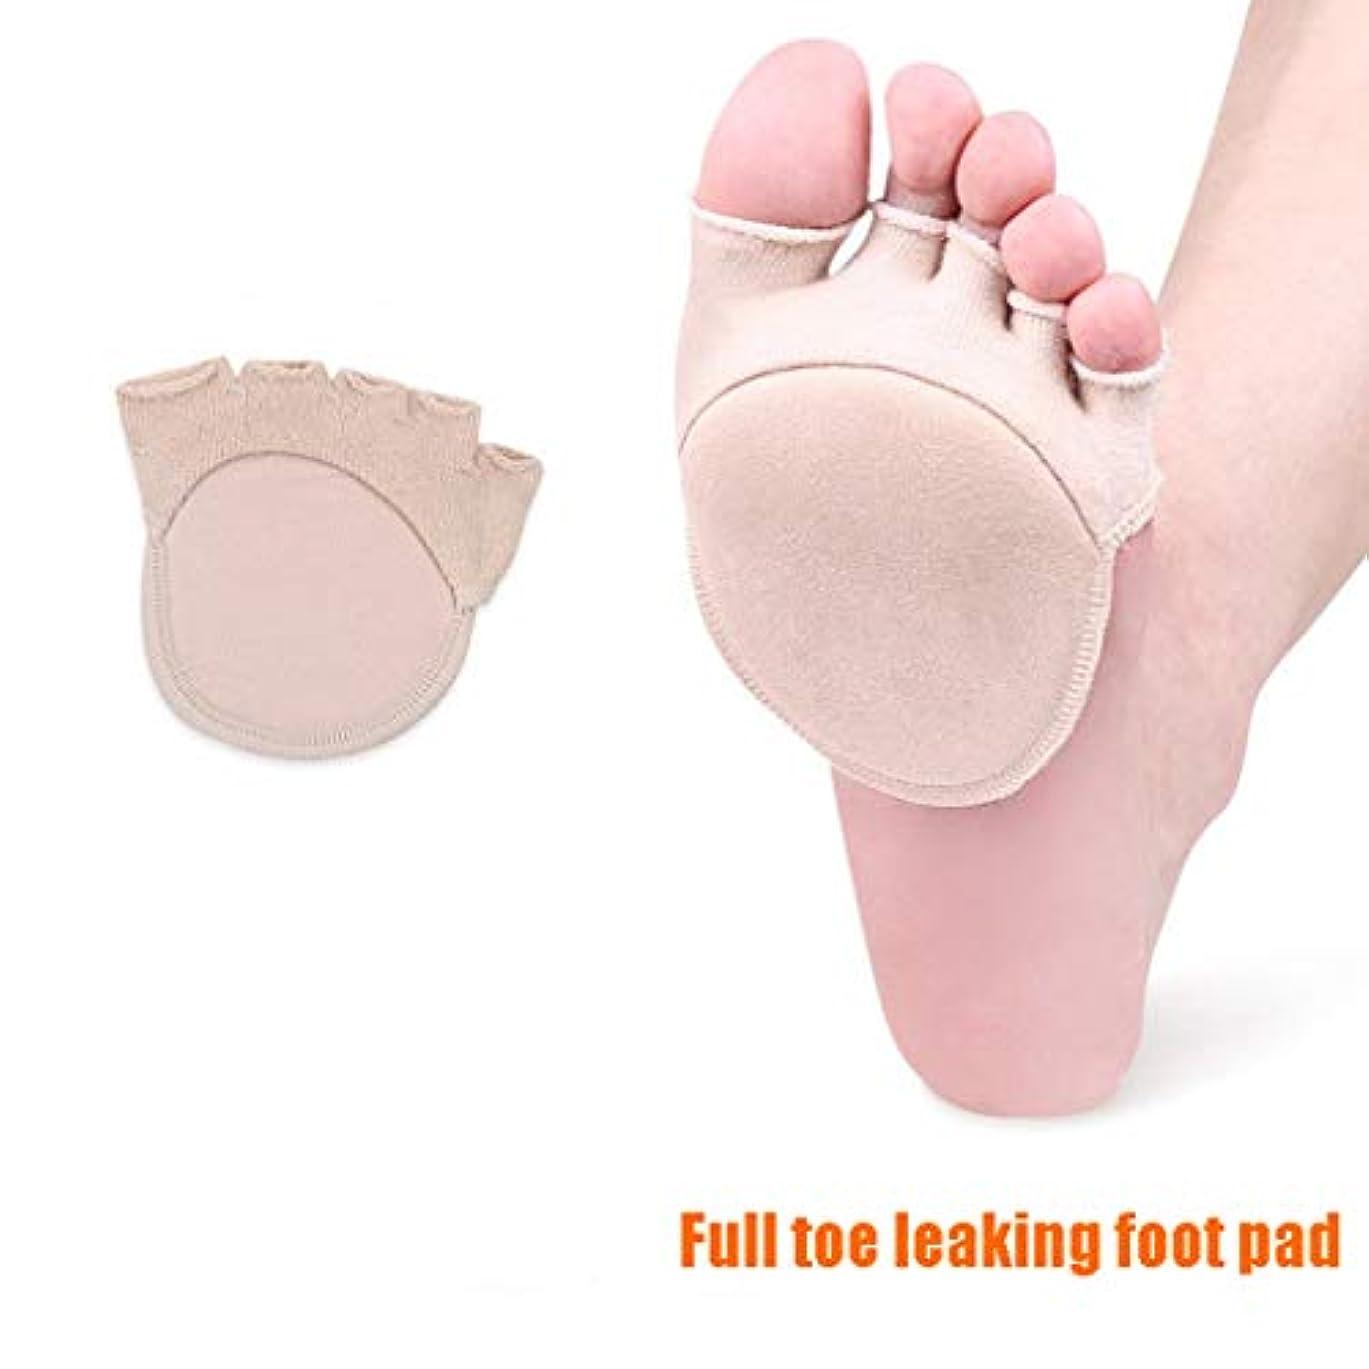 放射能車両ジョブ足底筋膜炎の治療、5本のつま先のつま先のデザイン、中足の痛みに適した固定スリップ、足の痛みの底,Flesh,Onesize